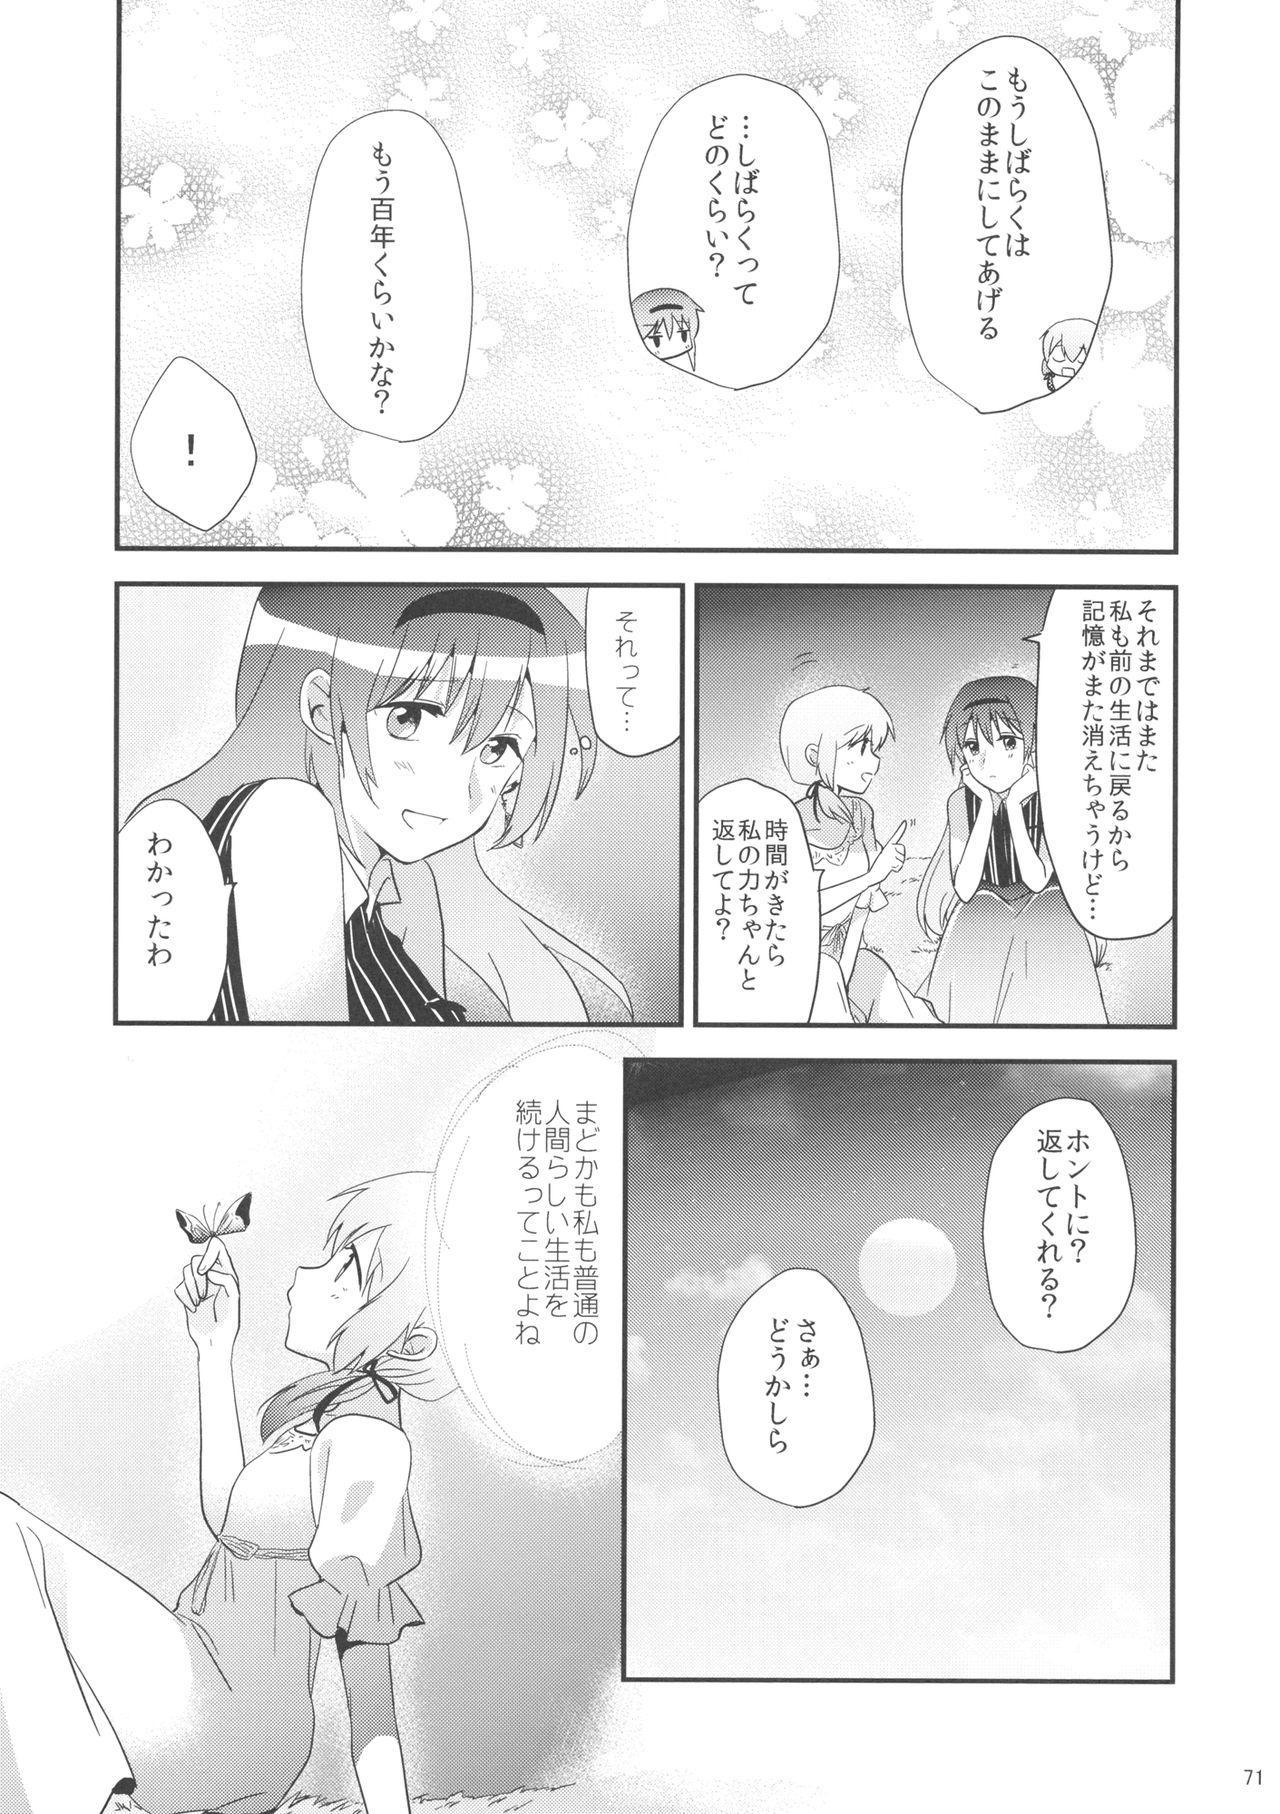 if Kanzenban 69